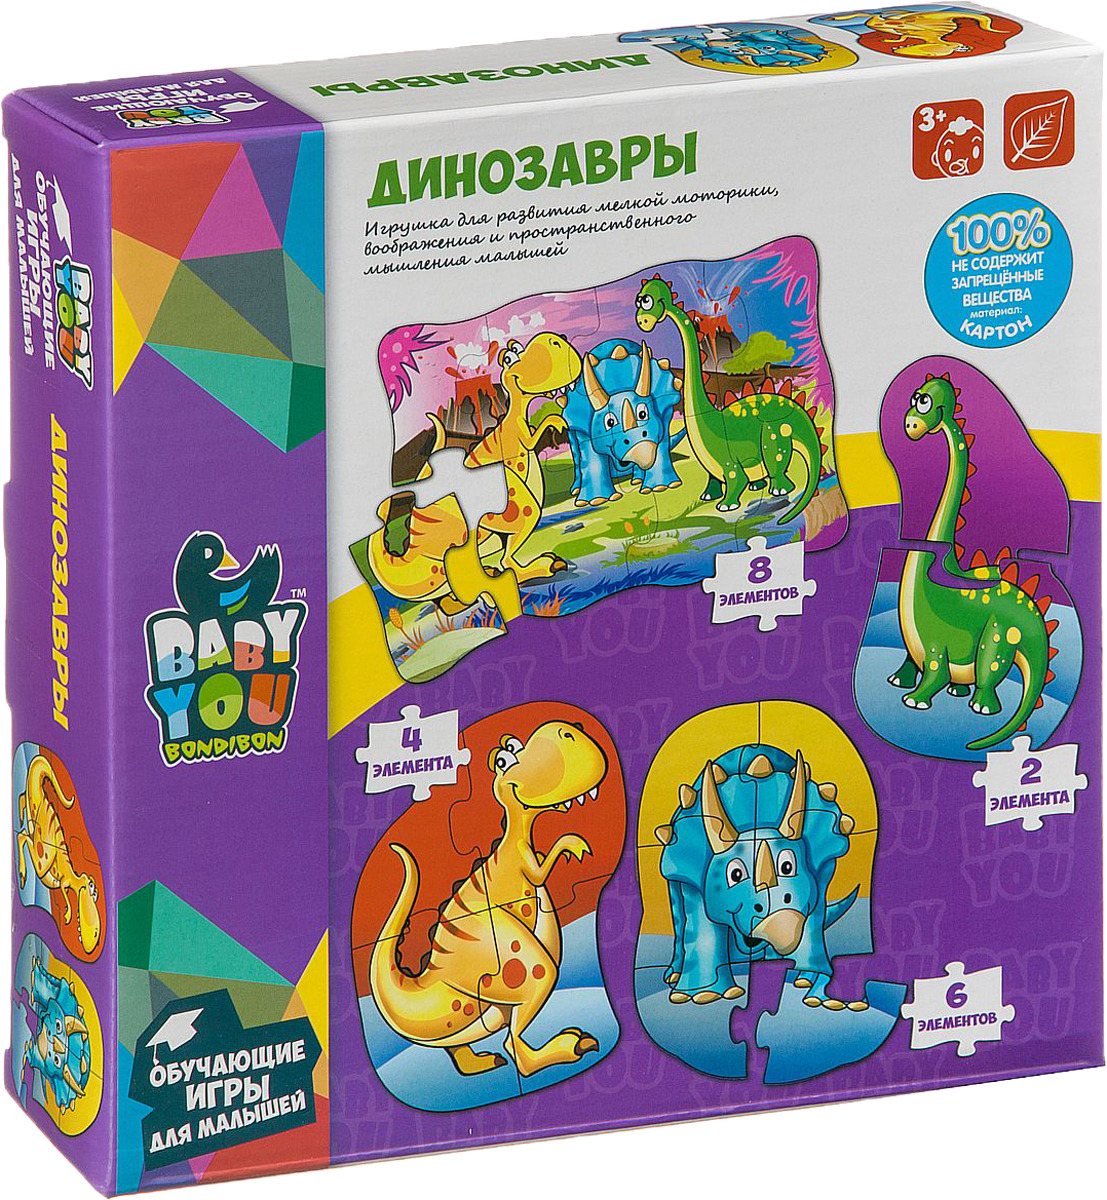 Пазл для малышей Bondibon ДинозаврыВВ2819Наборы пазлов ТМ Bondibon подойдут малышам от 1,5 лет. В наборе 6 пазлов разной комплектации от простых, состоящих из 2-х деталей до 4-х. Прекрасная игрушка для развития пространственного и логического мышления, памяти и внимания. Рекомендуем!